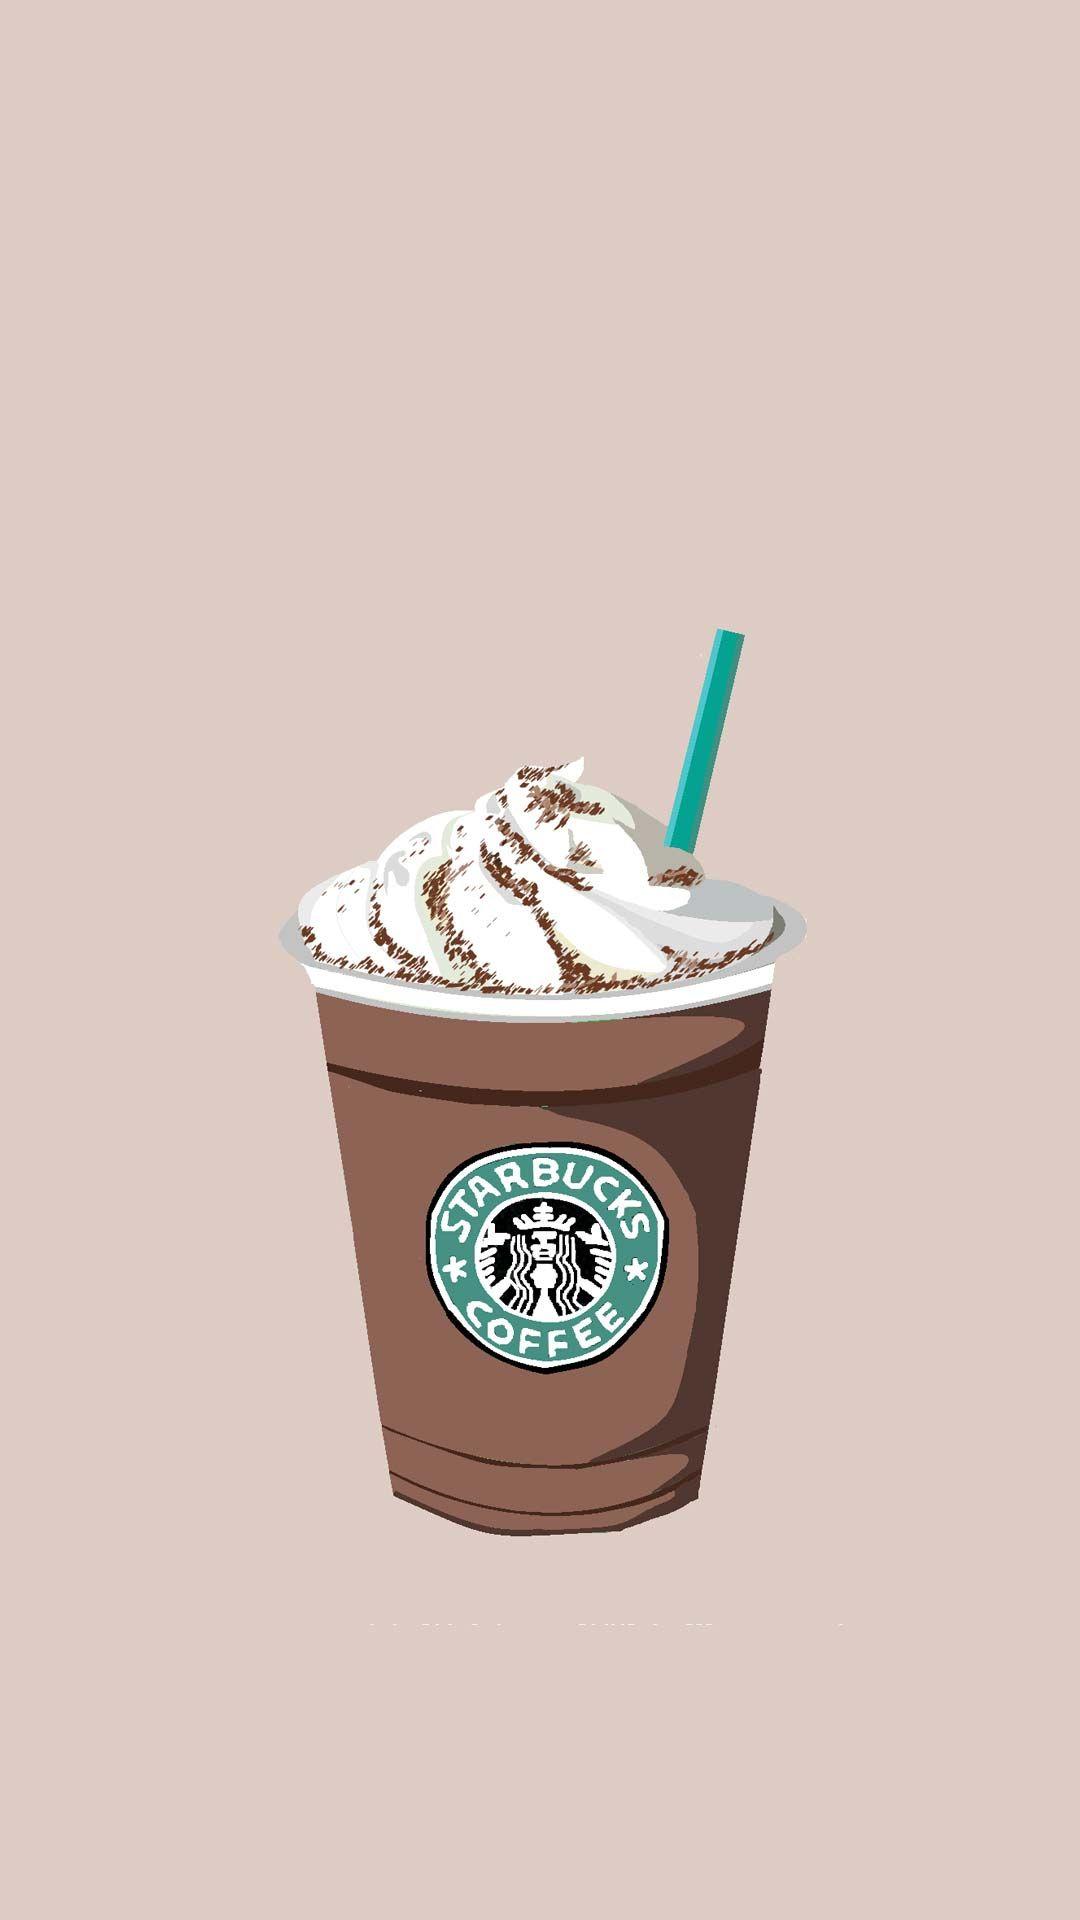 Pin By Weng Z On Starbucks Wallpper In 2019 Coffee